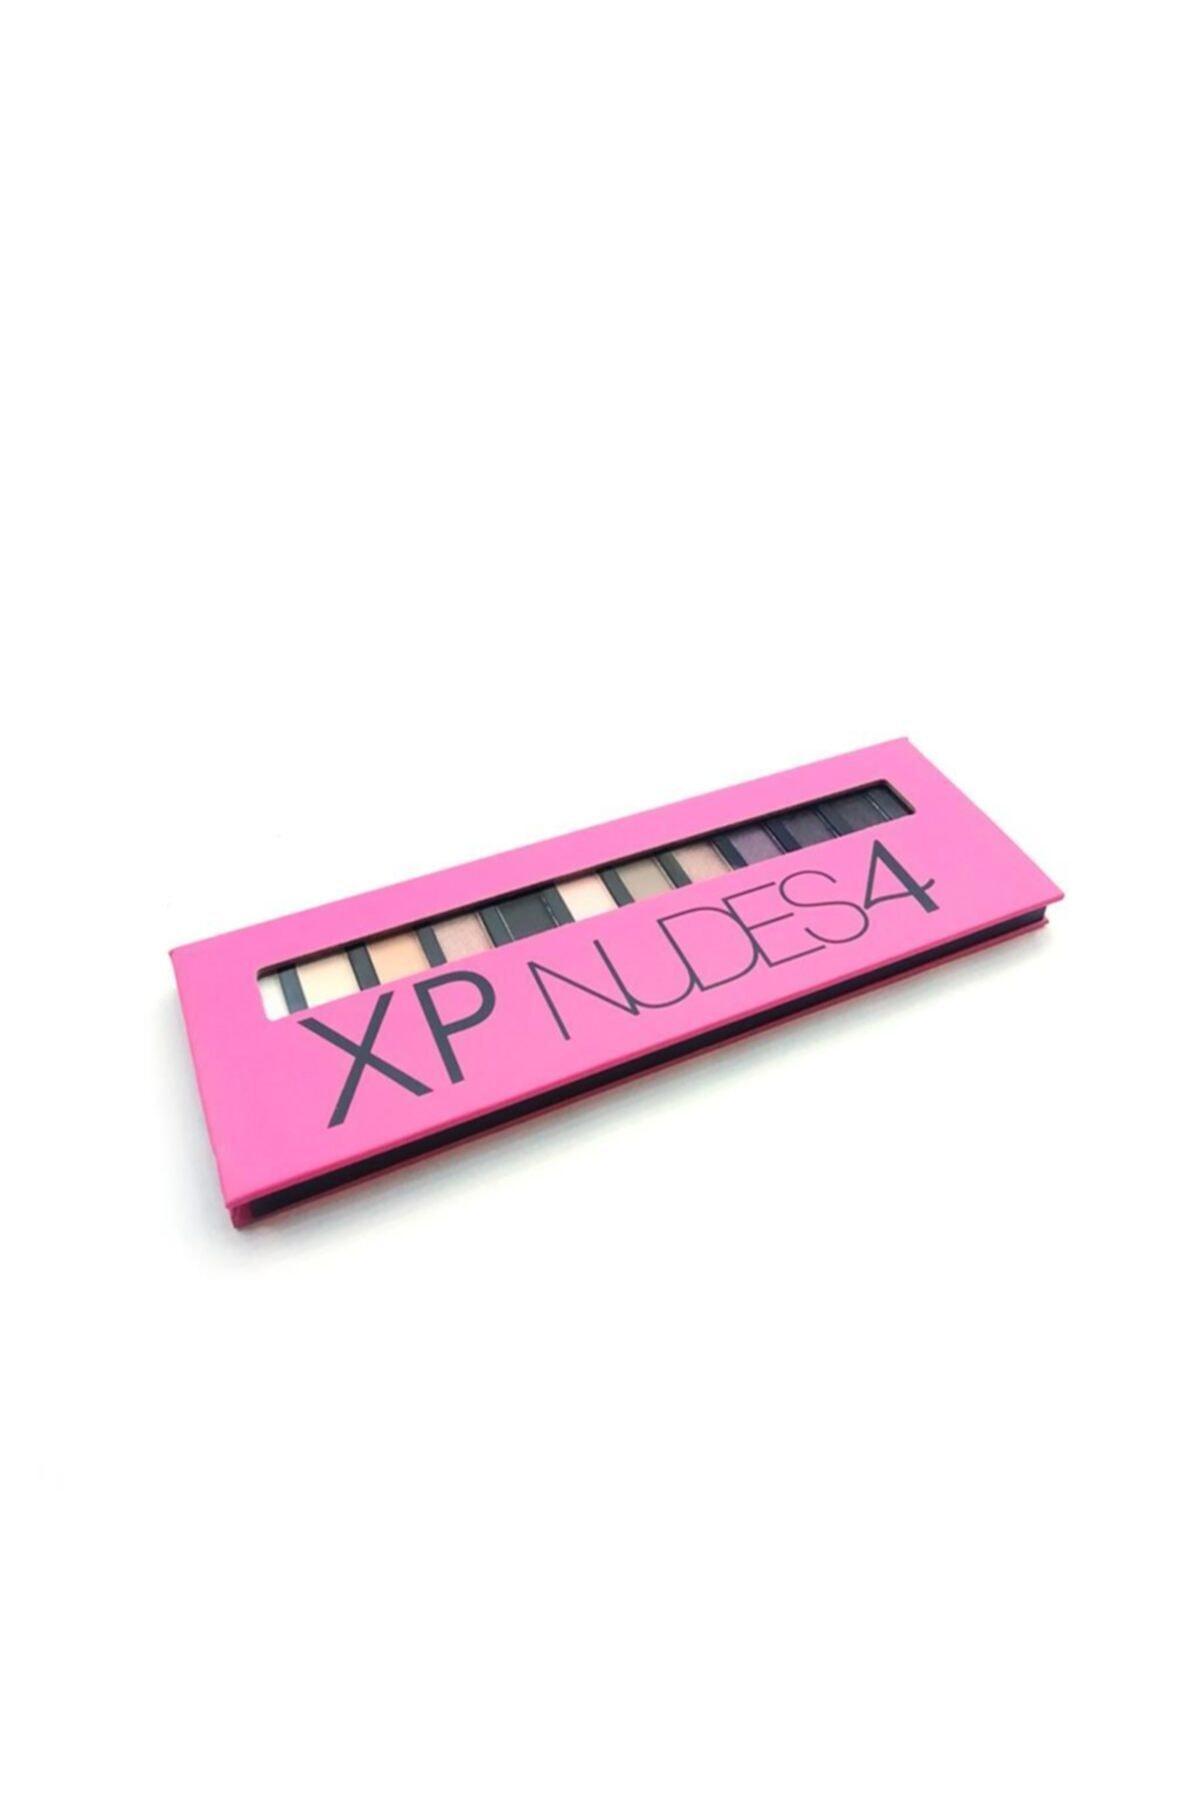 XP Nudes 4-12 Farklı Ton-eyeshadow Collection 2